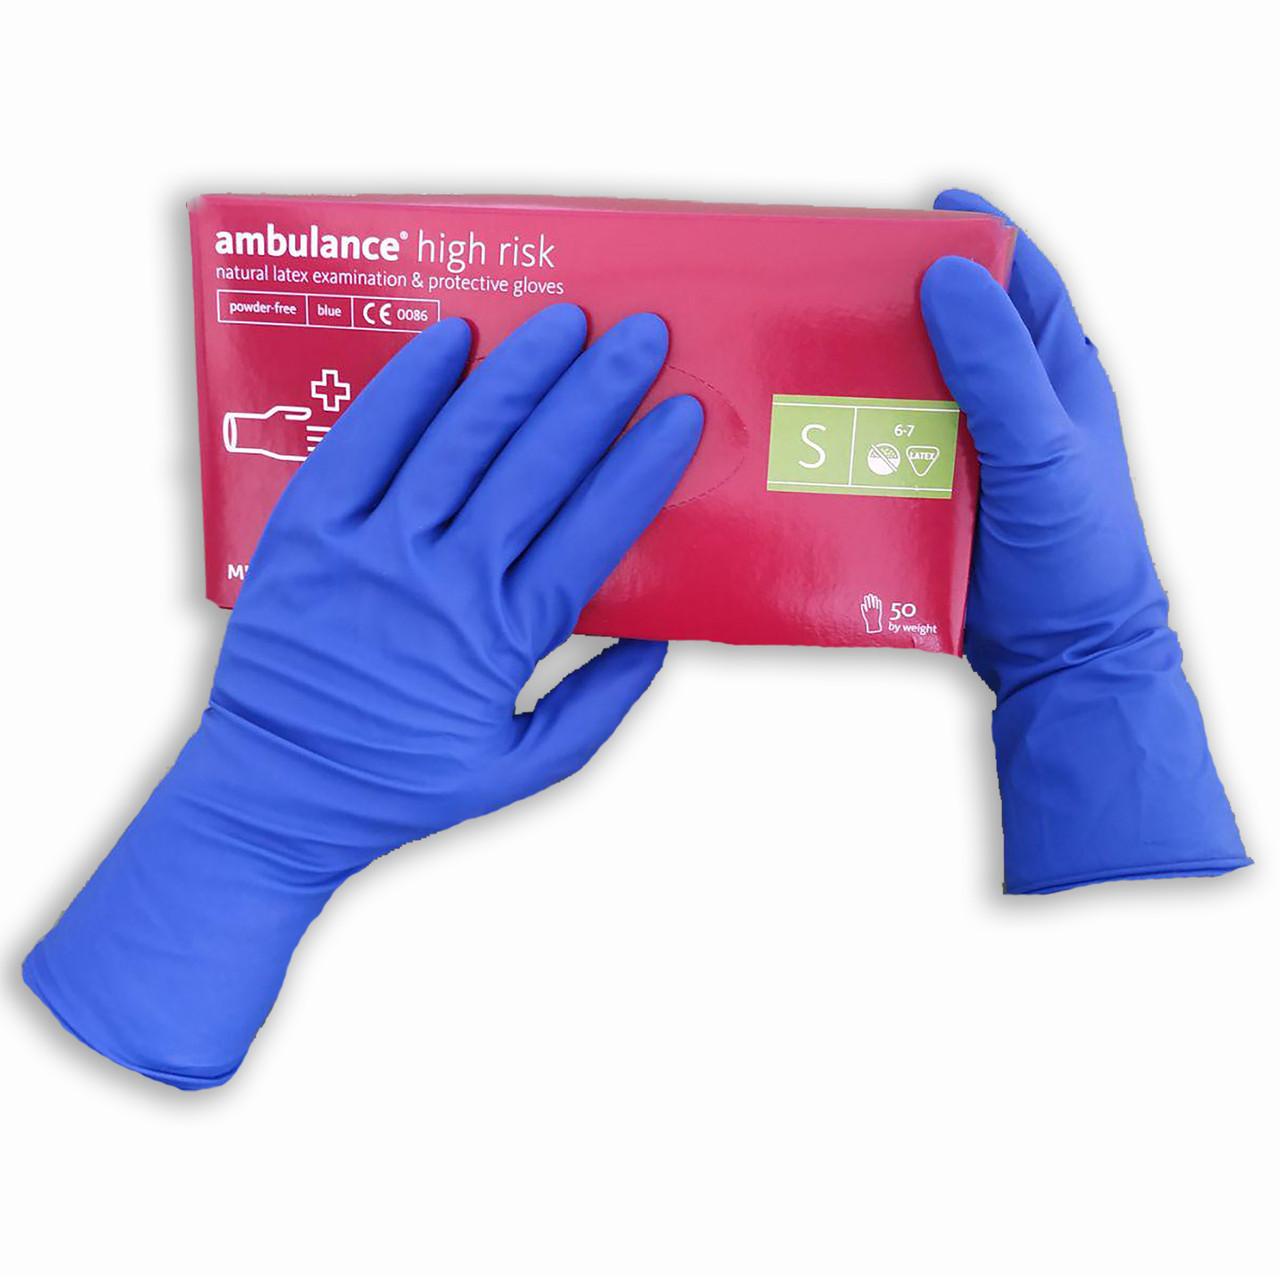 Перчатки латексные нестерильные, медицинские, неопудренные Ambulance PF, размер — S, уп. — 25 пар